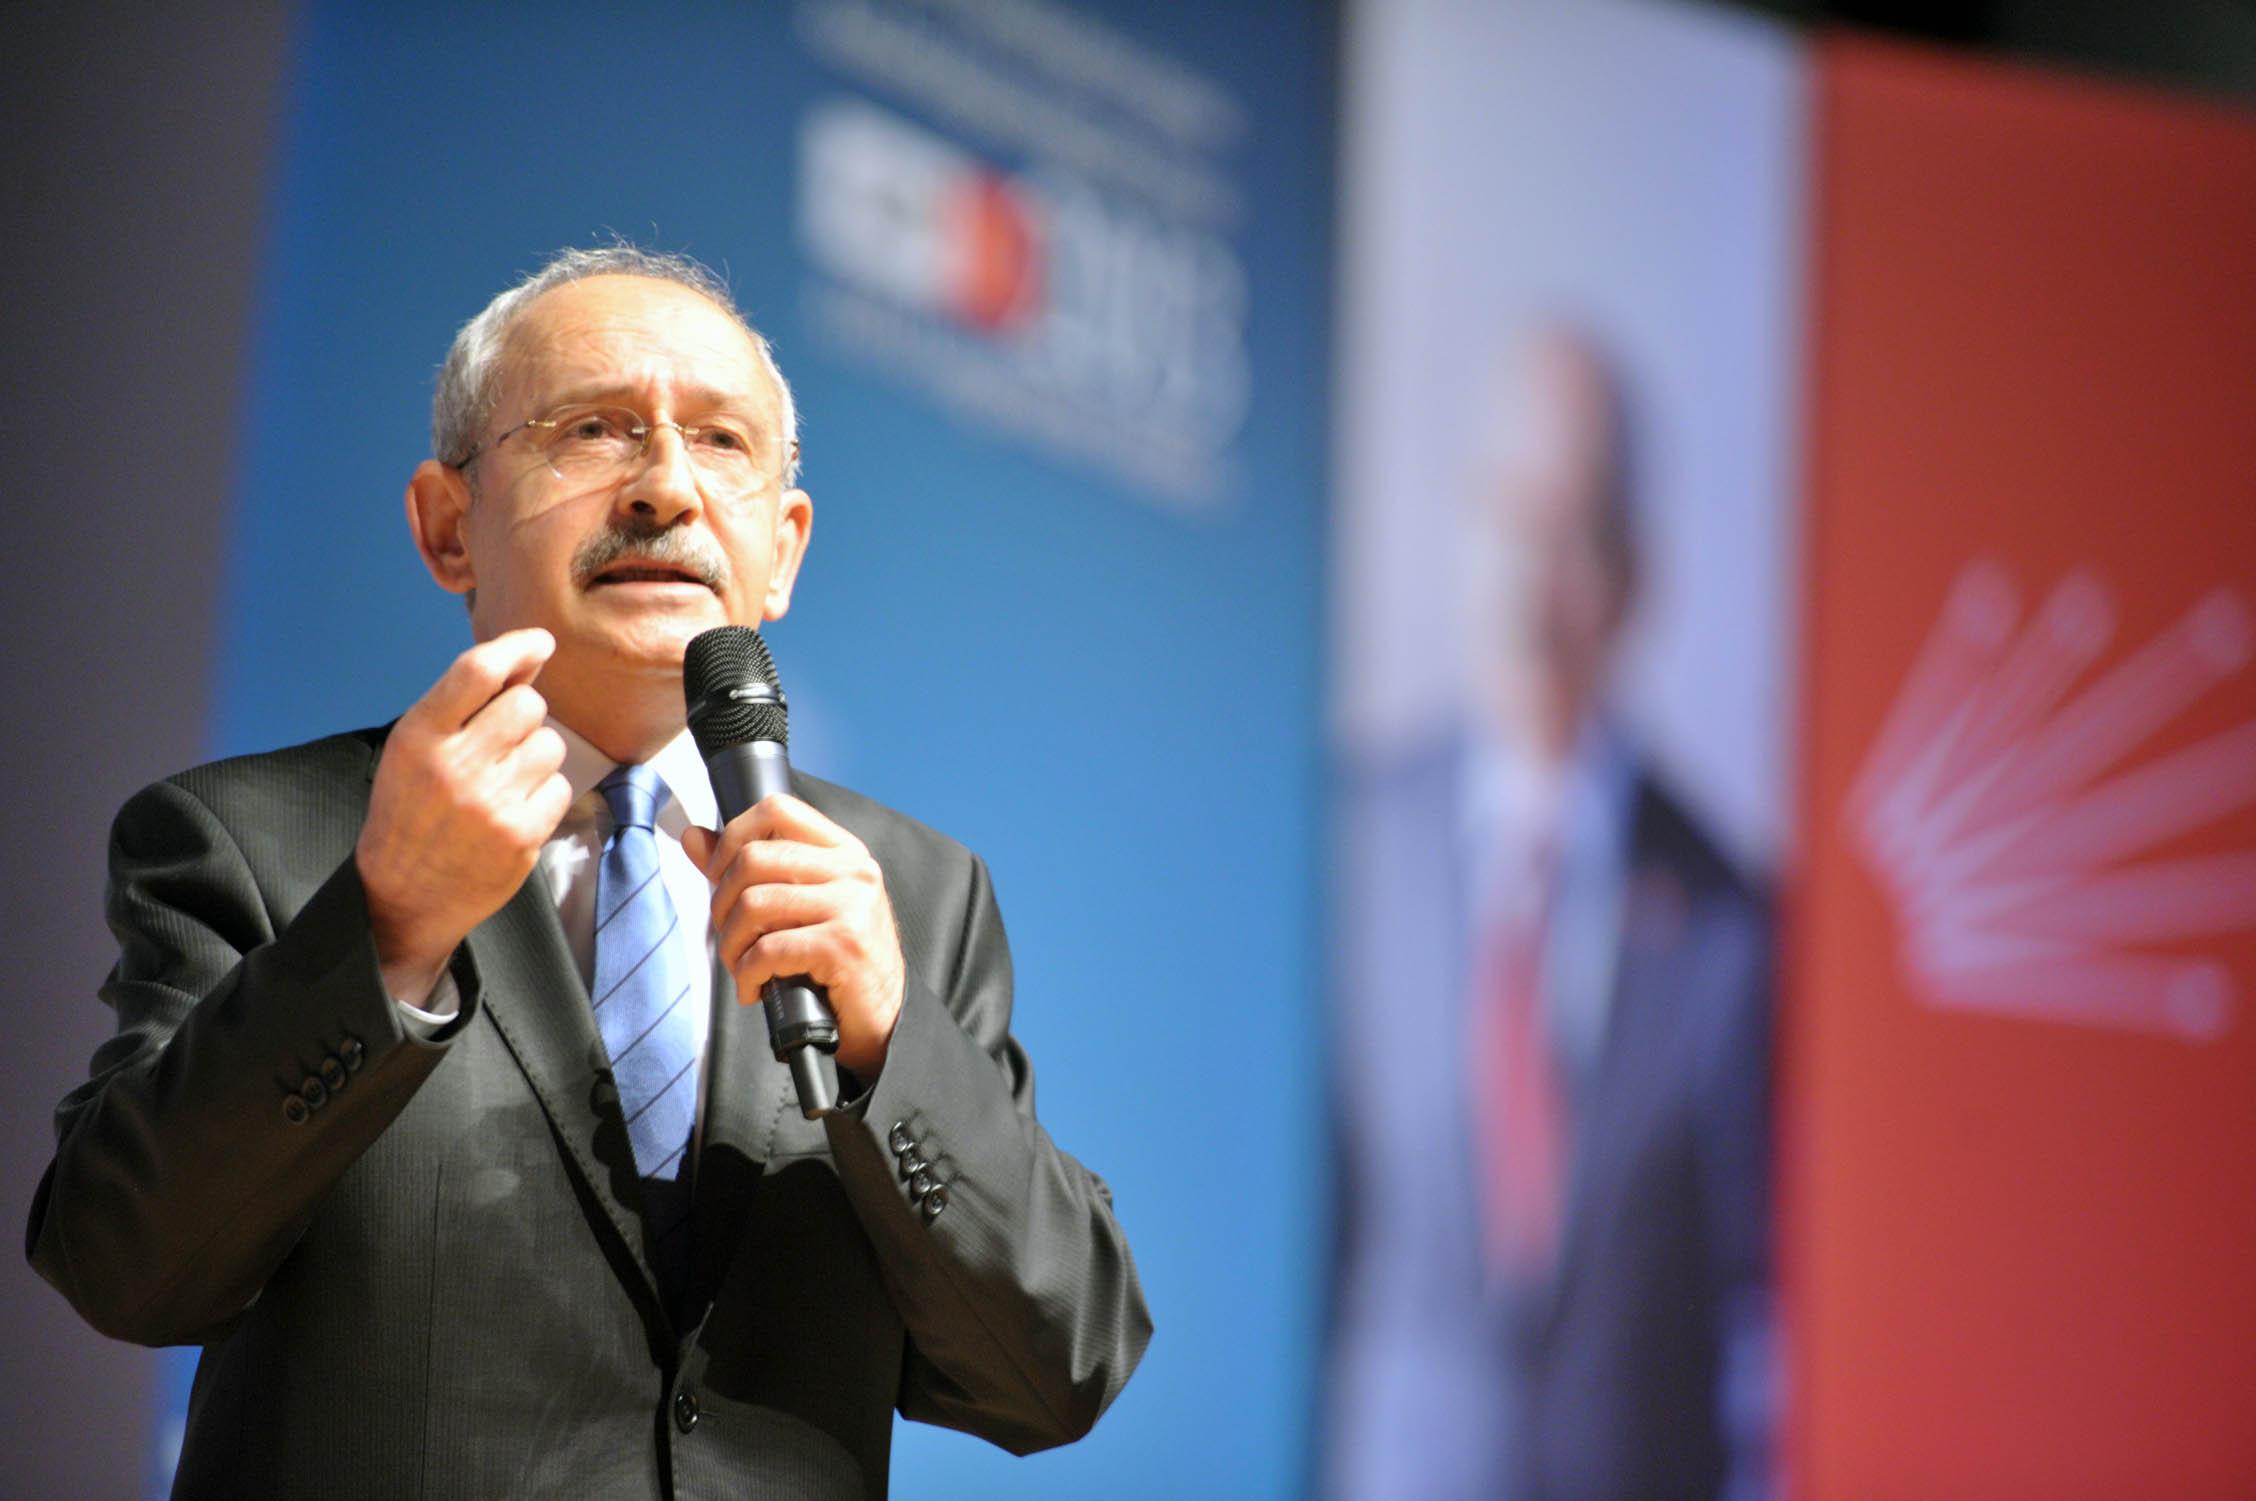 kiliçdaroğlu-chpnin-1-kasim-vaatlerini-açiklayacak.jpg